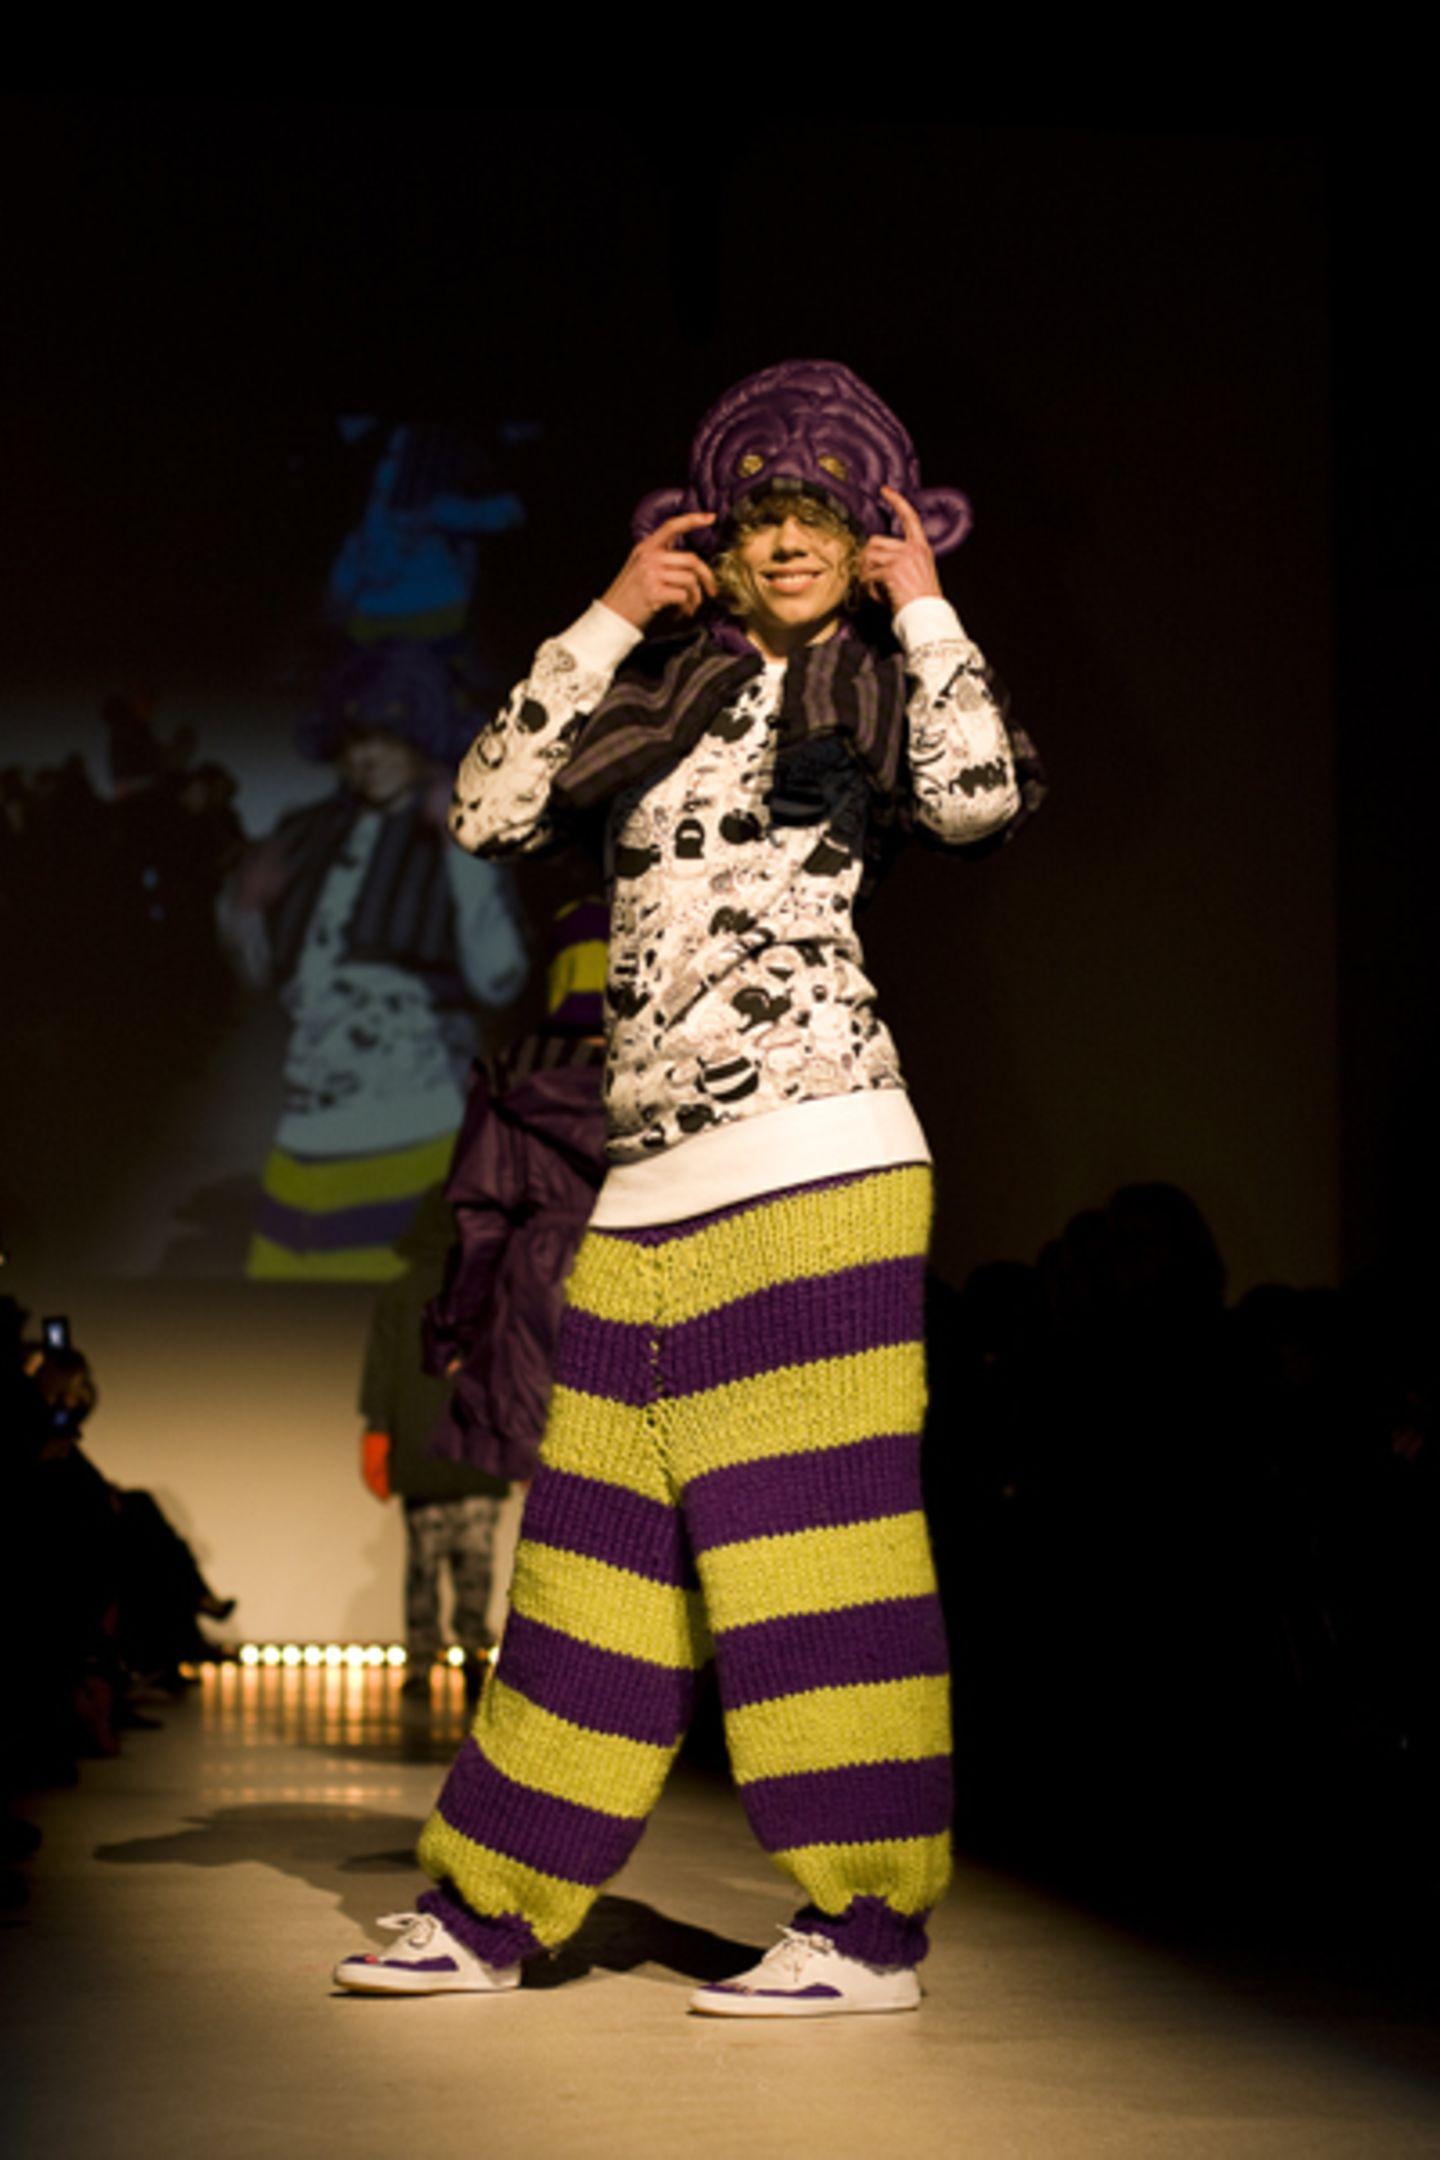 Anna Heuger: Versteckt - Entdeckt Sie wollte eine Mode kreieren, die niemals still steht. Lust auf Bewegung macht ihre fröhliche Mode allemal.